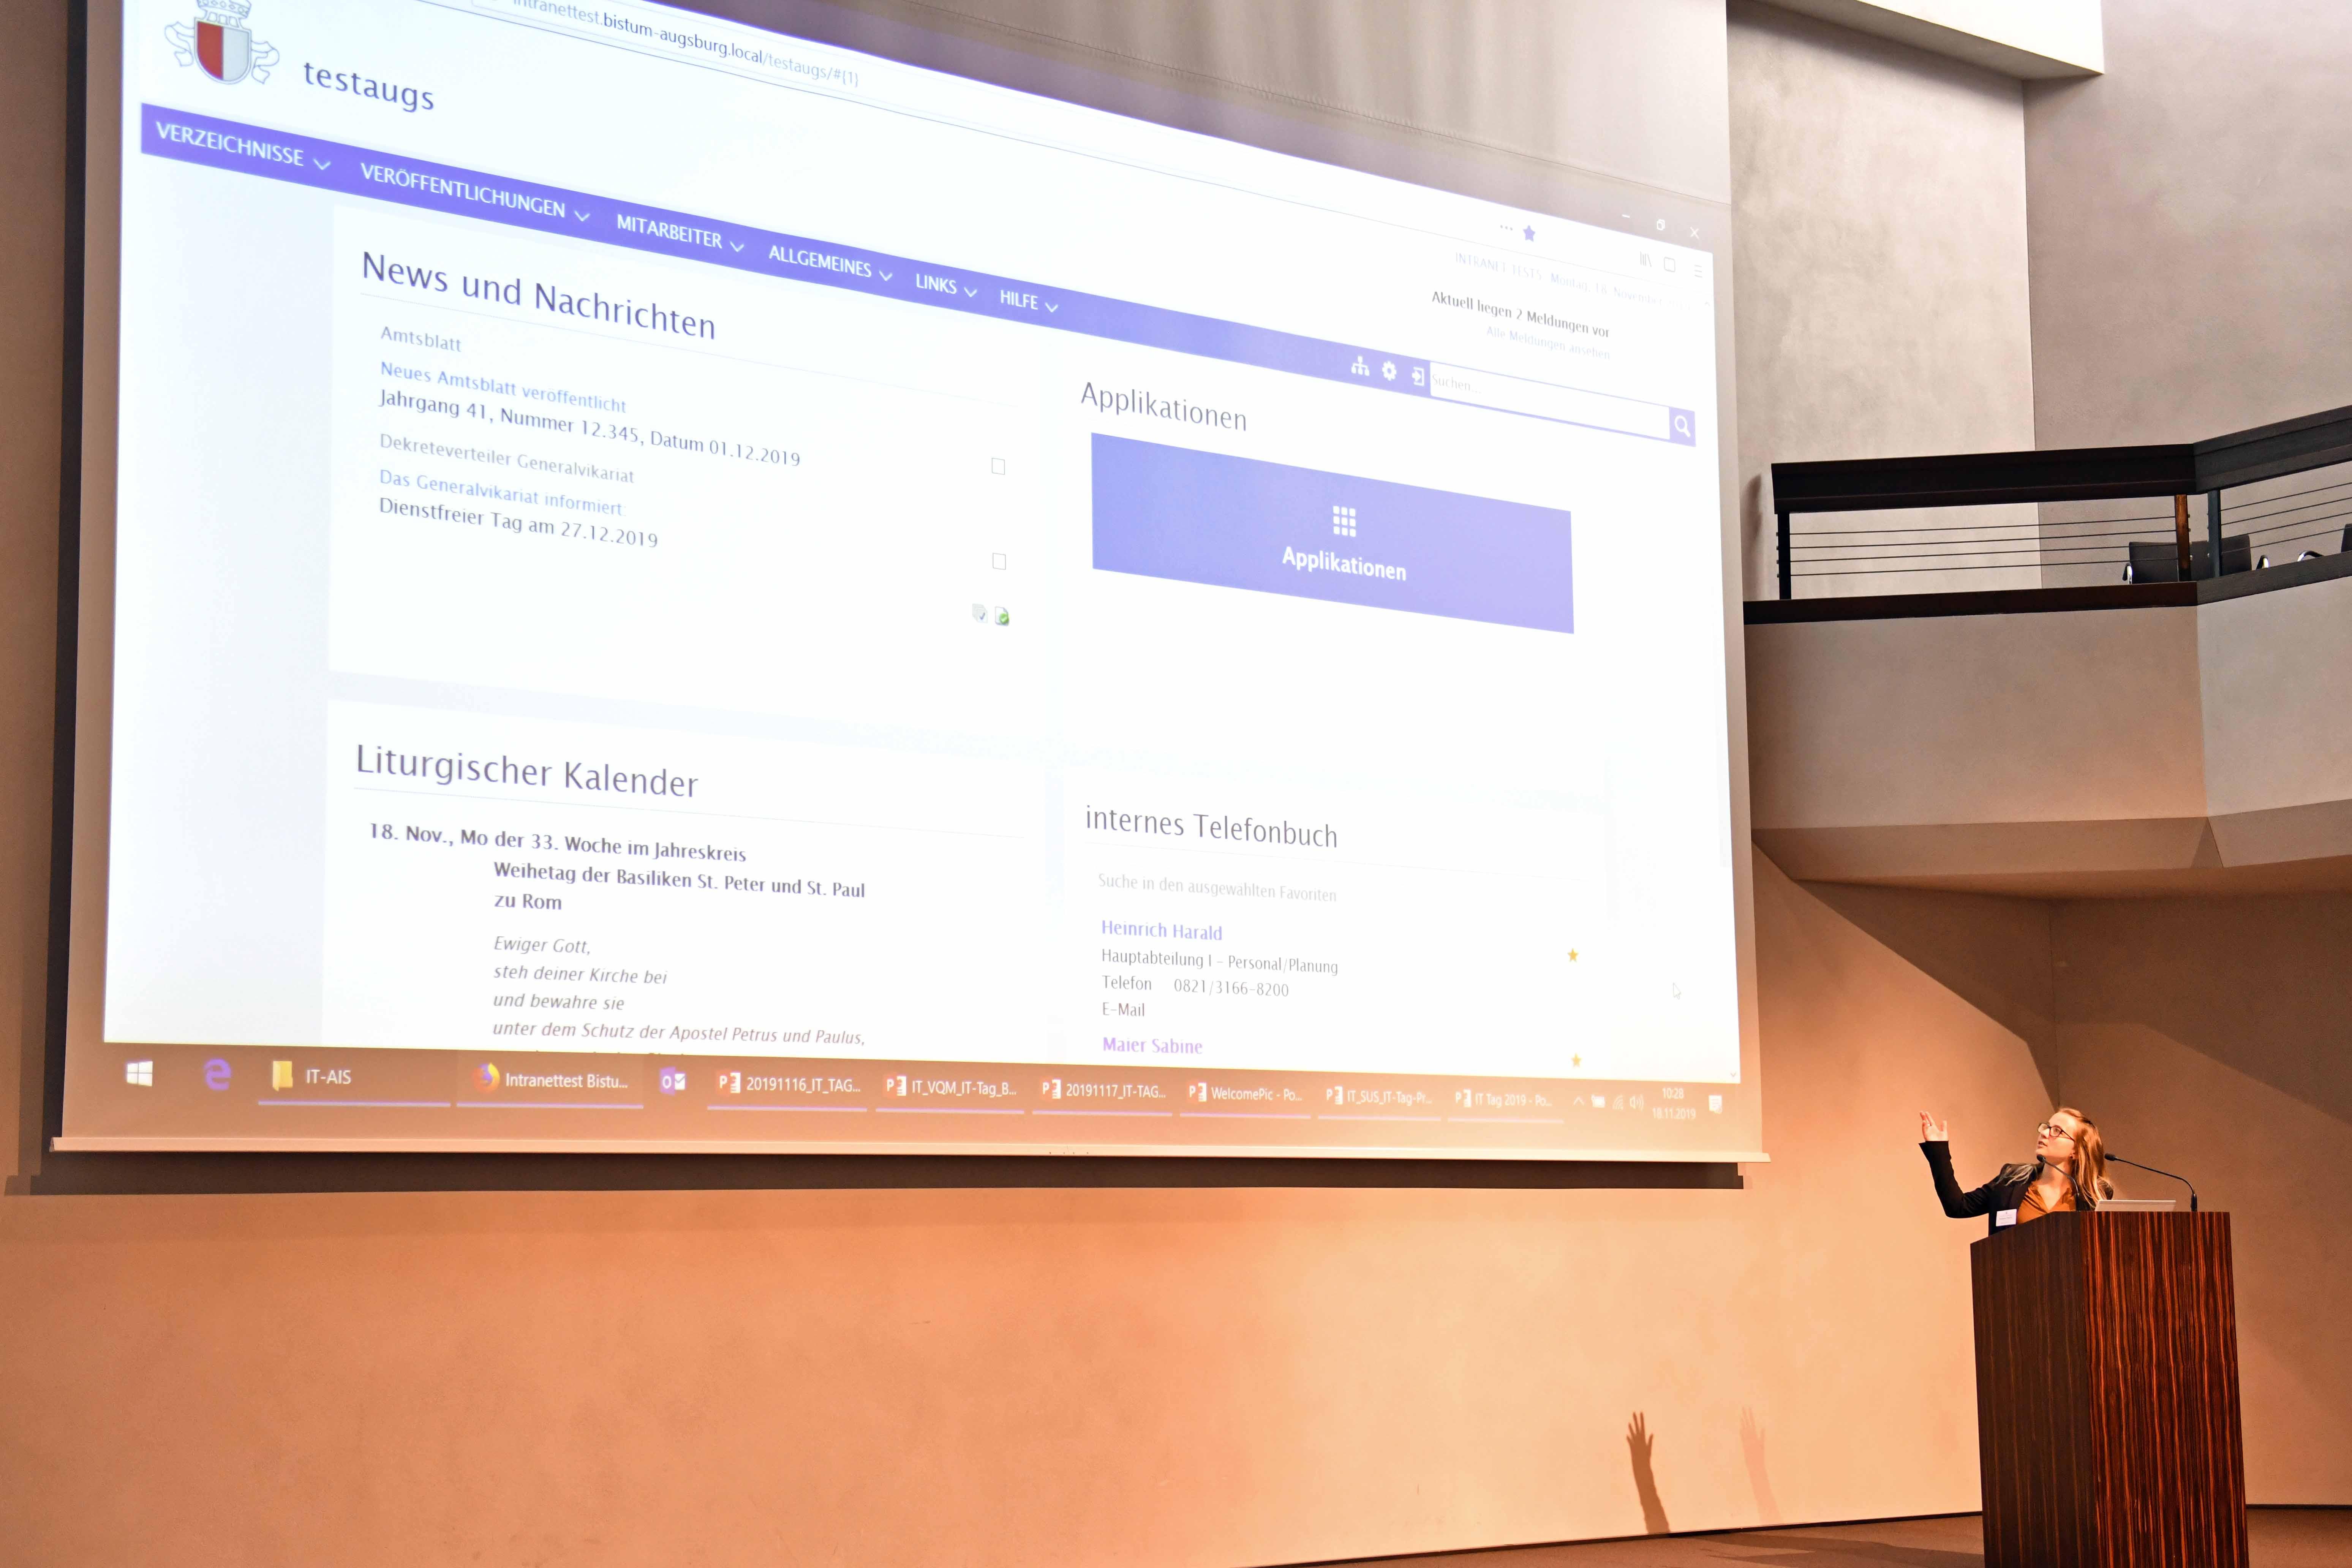 Johanna Eberle von der Abteilung Software & Services stellt das neue Intranet vor.